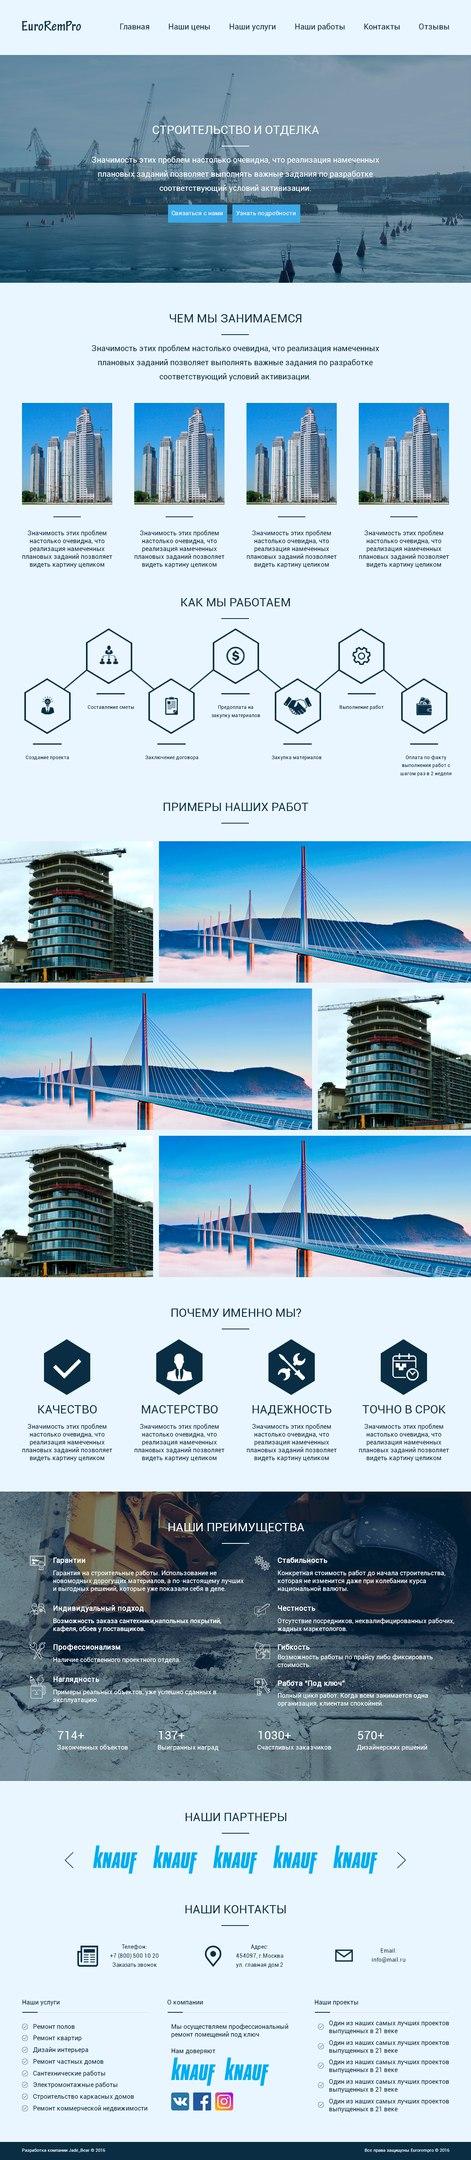 EuroRemPro - строительная компания и интерьерная